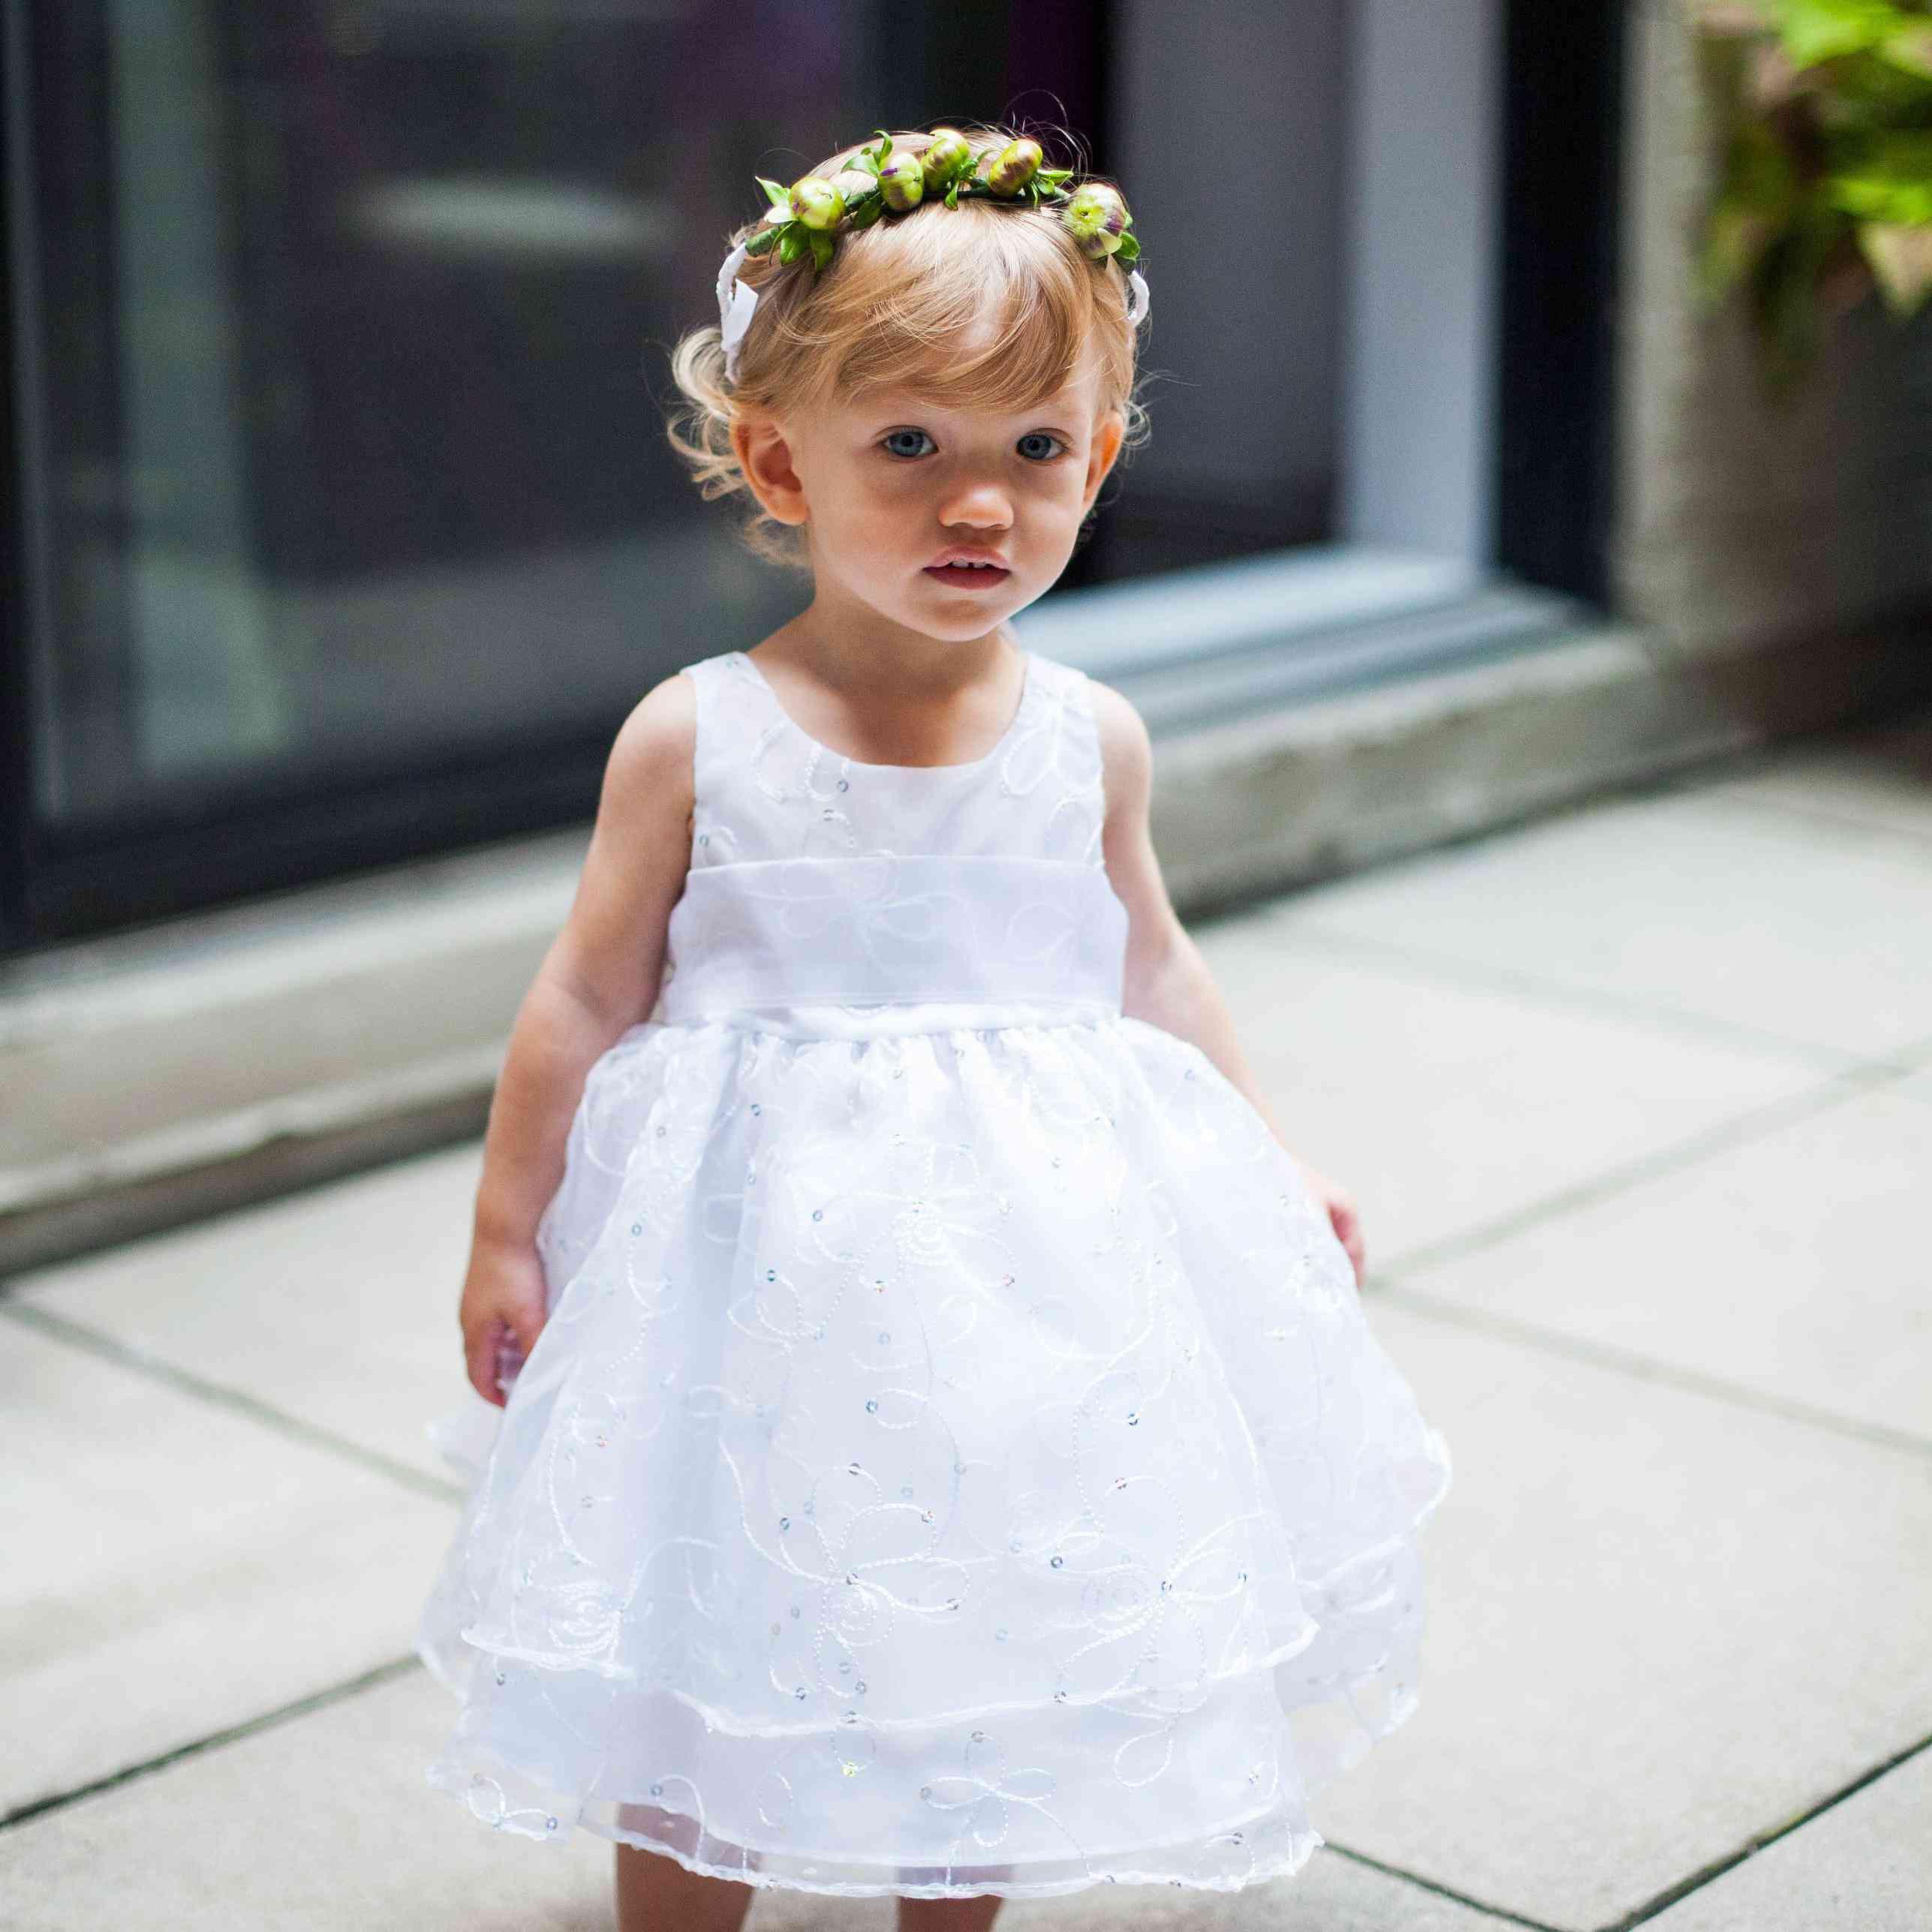 Flower Girl At Wedding: Flower Girl And Ring Bearer 101: The Basics Of Your